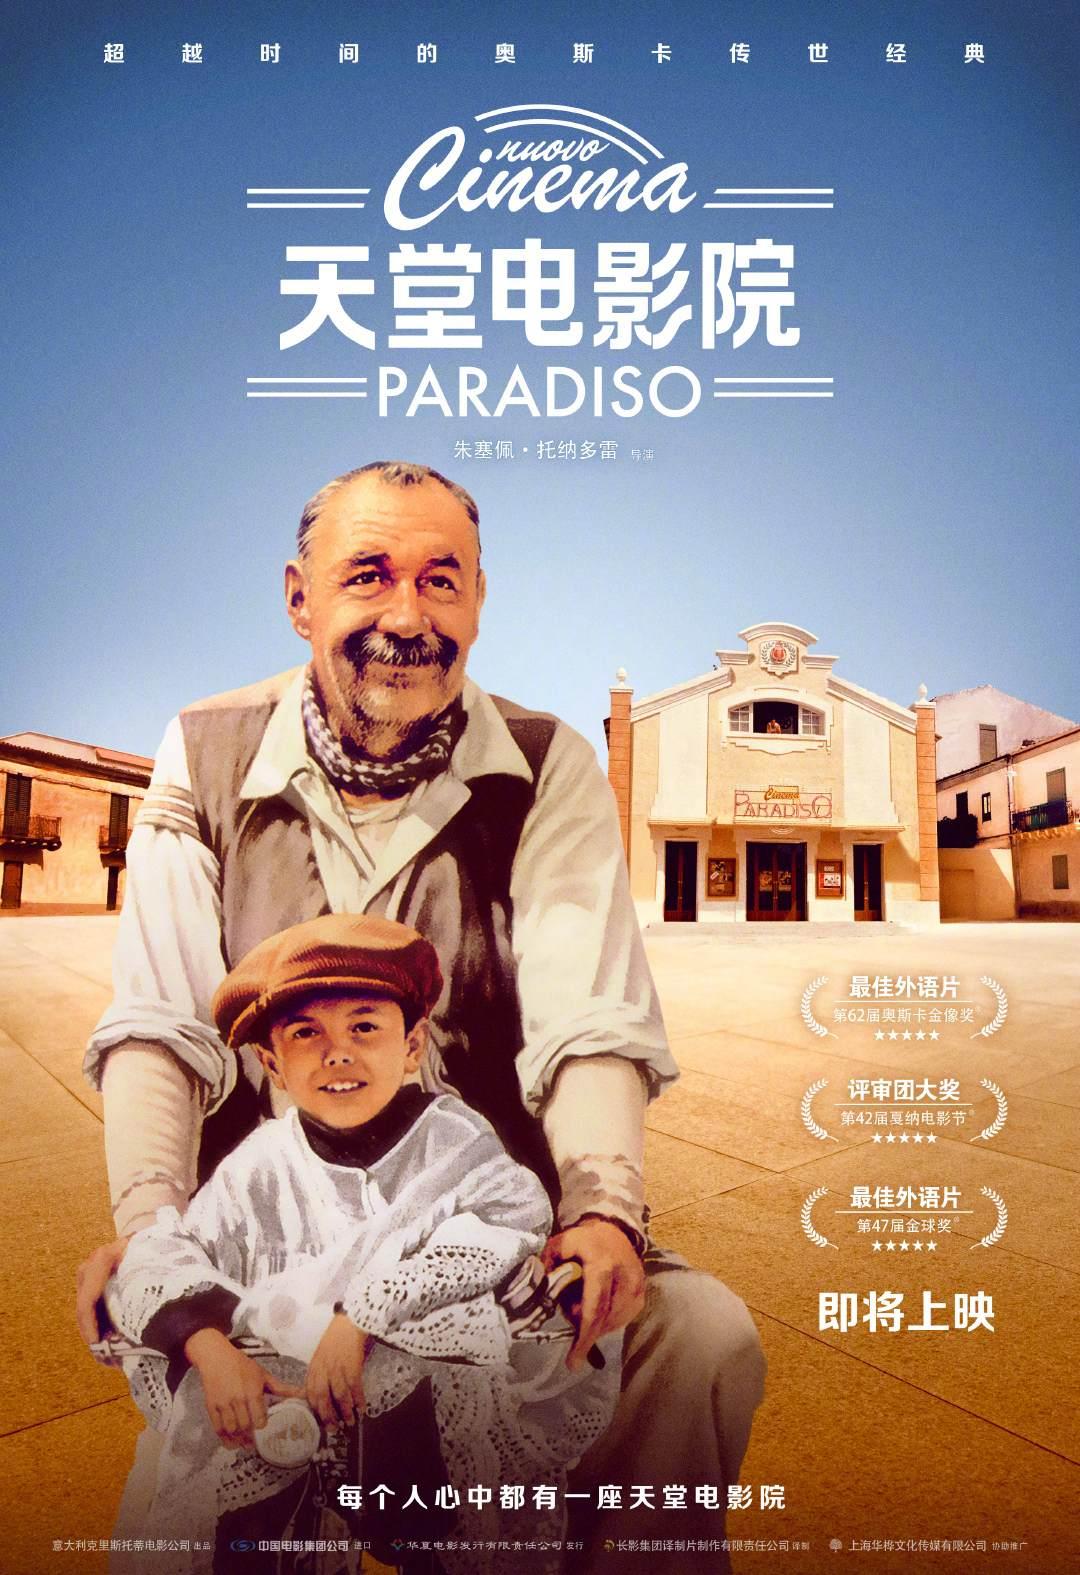 奥斯卡获奖经典影片《天堂电影院》确认引进 国内首次上映